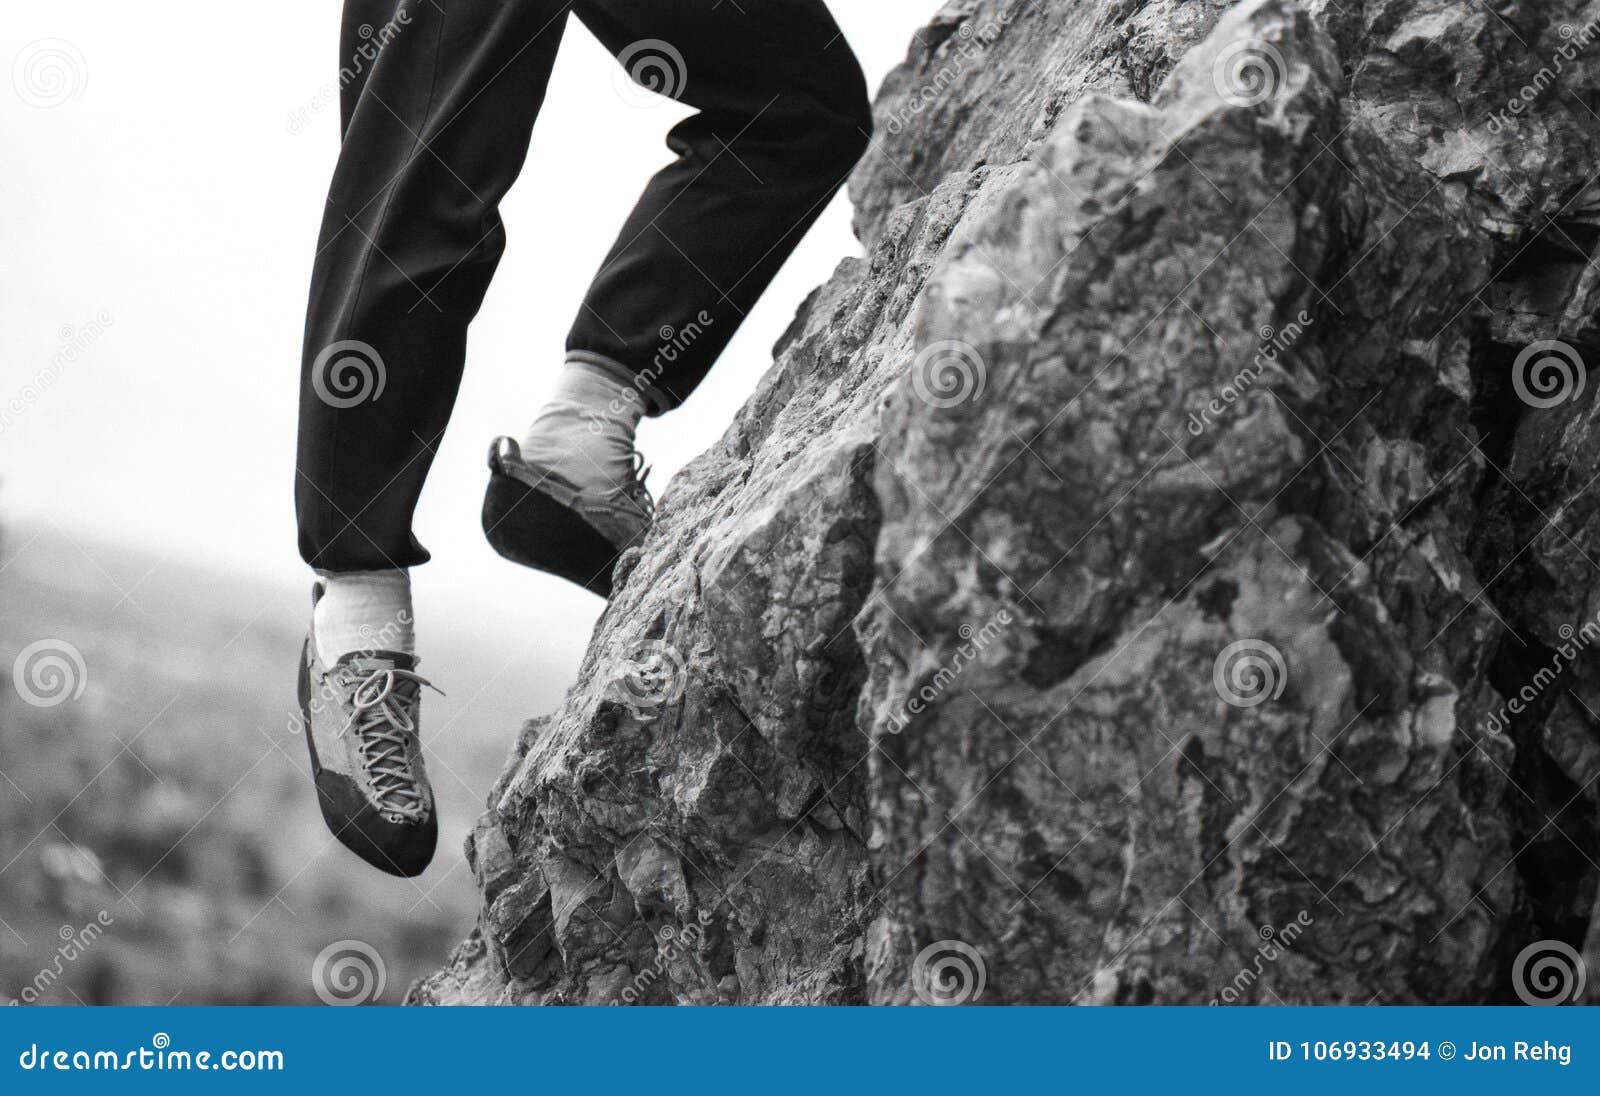 Escalador de roca con un pie que cuelga del borde de Cliff Outcrop Over Looking Valley abajo